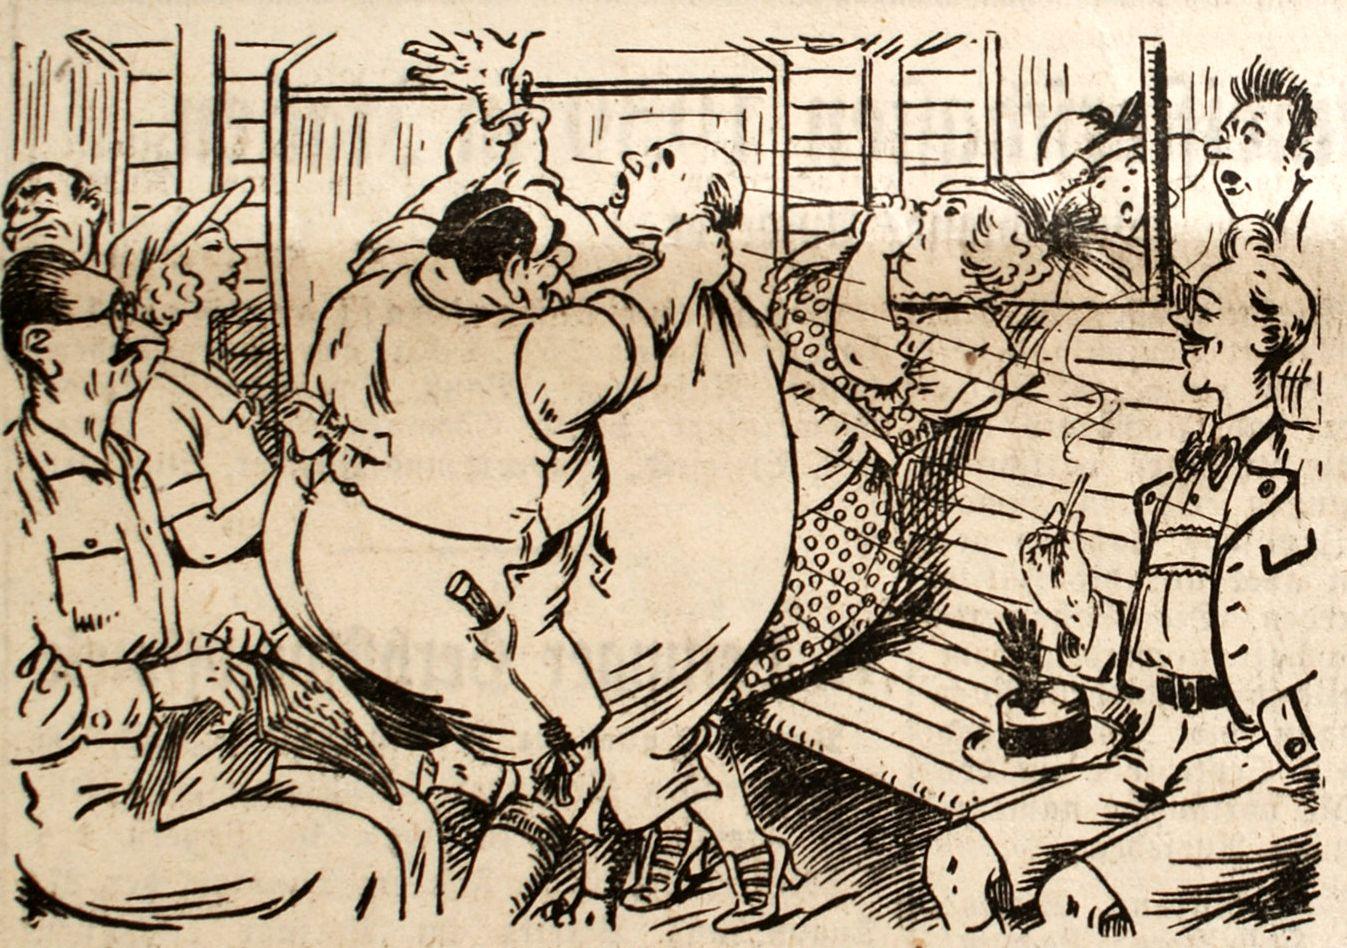 Bild: Herr Zwack will erneut das Fenster des Abteils öffnen